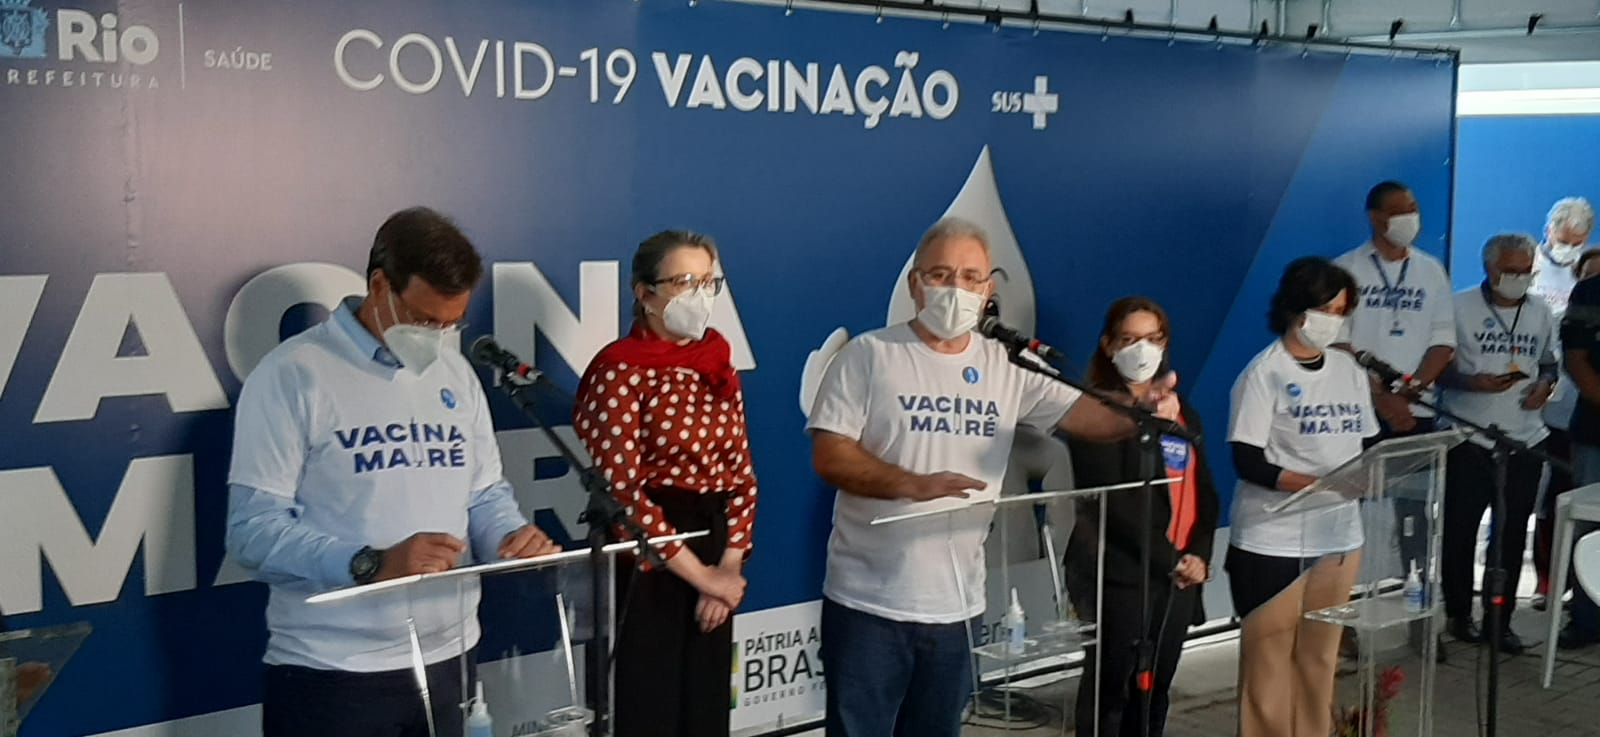 Marcelo Queiroga durante coletiva de imprensa na clínica da família Adib Jatene, no Complexo da Maré